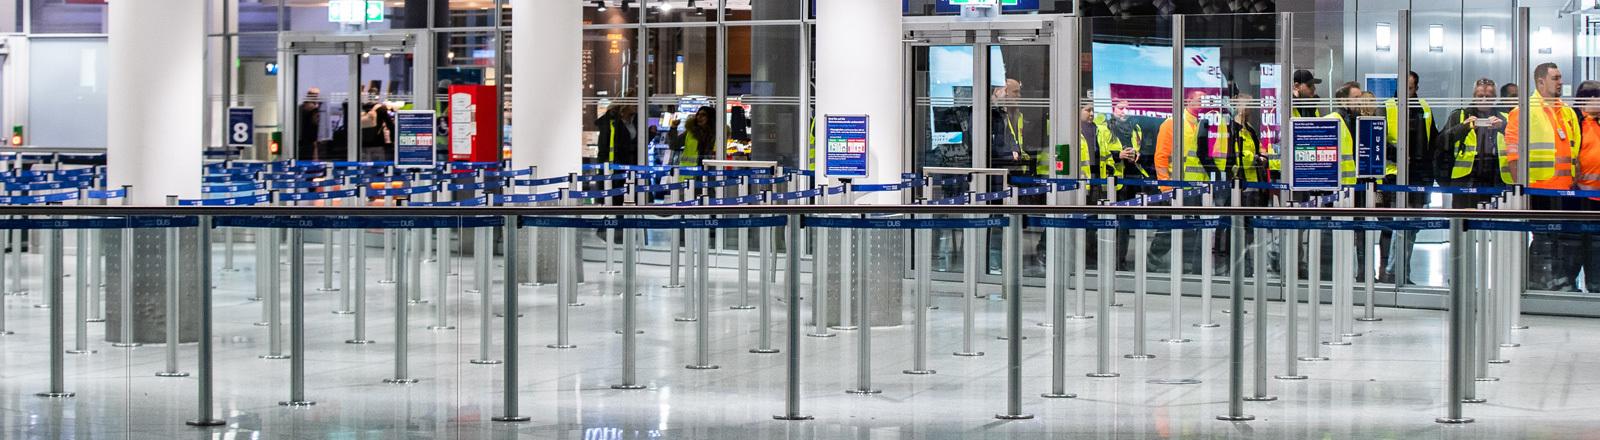 Am Flughafen Düsseldorf ist der Bereich der Sicherheitskontrollen komplett menschenleer. Im Hintergrund stehen Personen mit Warnwesten. Es sind Streikende. Die Gewerkschaft Verdi hat am 10.01.2019 zu einem Warnstreik aufgerufen; Foto: dpa